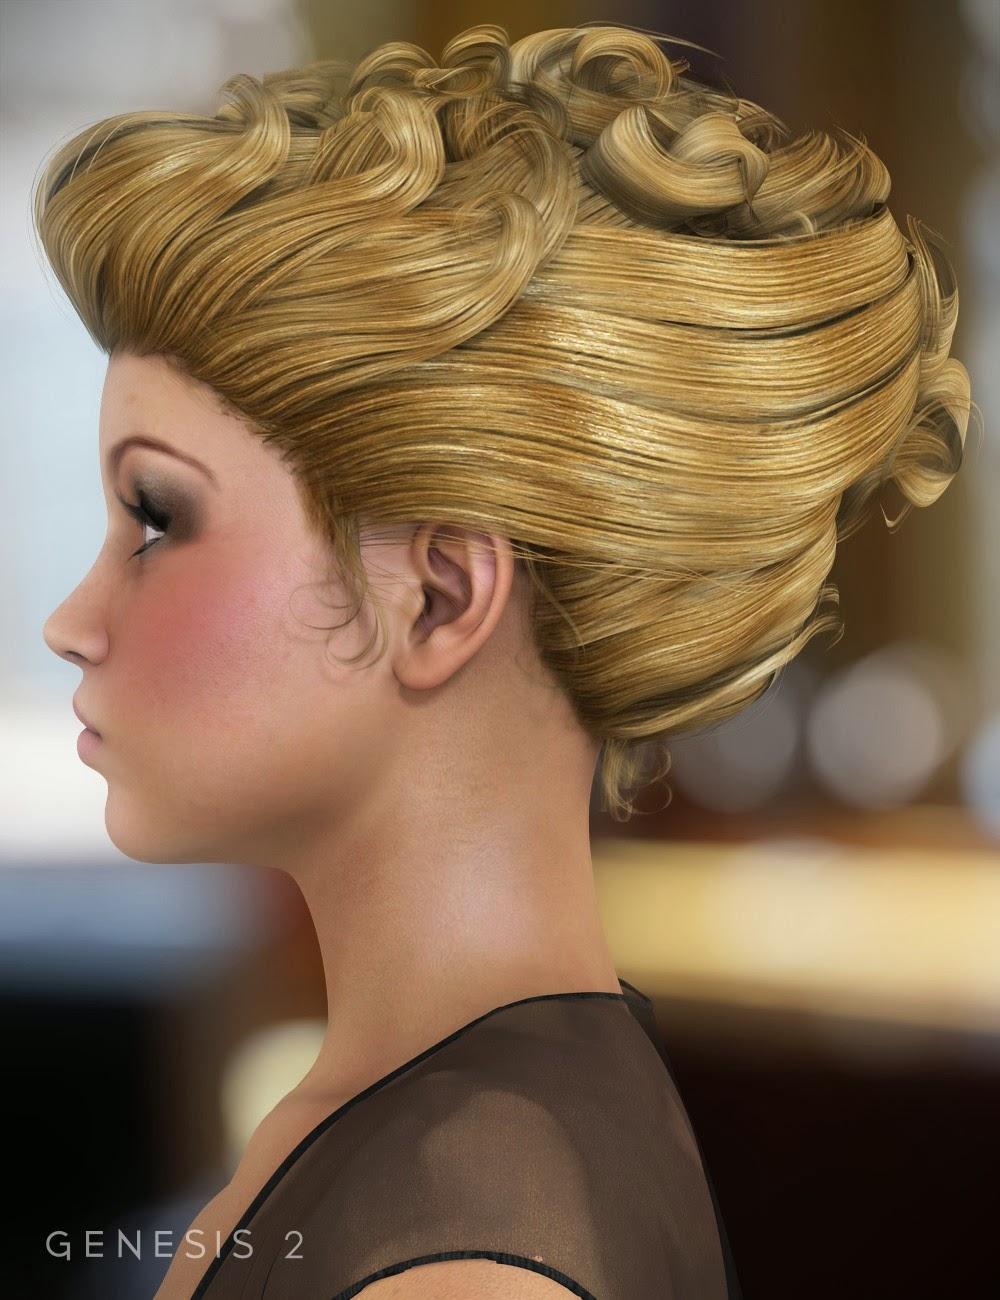 Sultry cheveux pour Genesis et Genesis 2 femelles